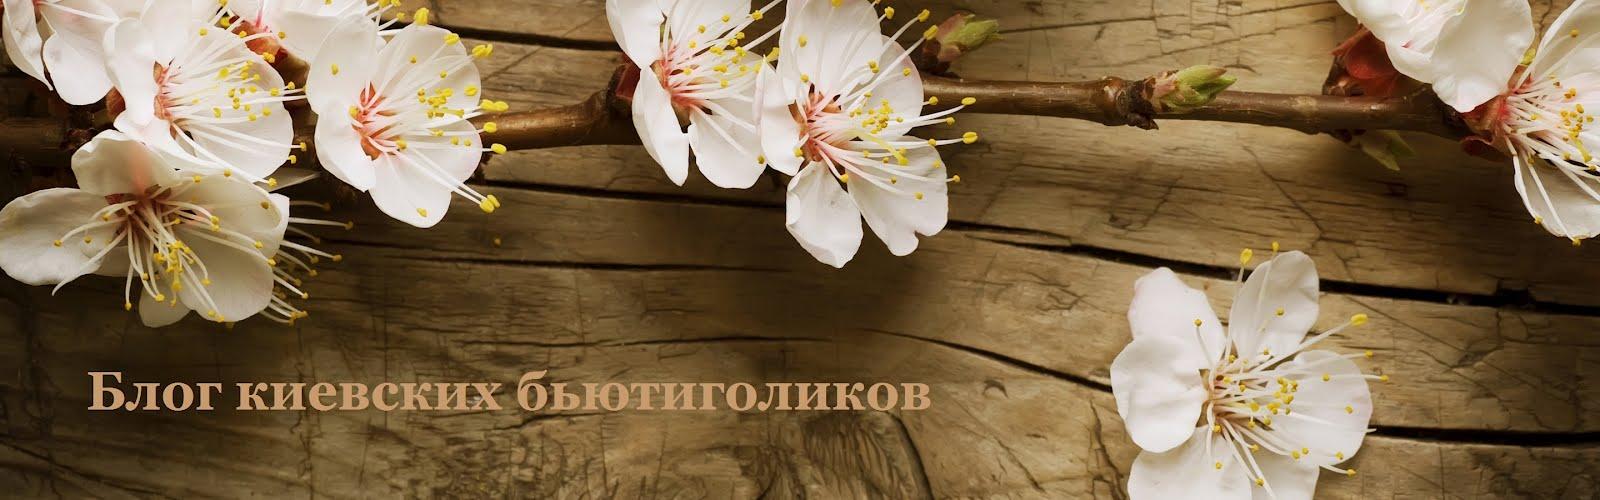 Блог киевских бьютиголиков